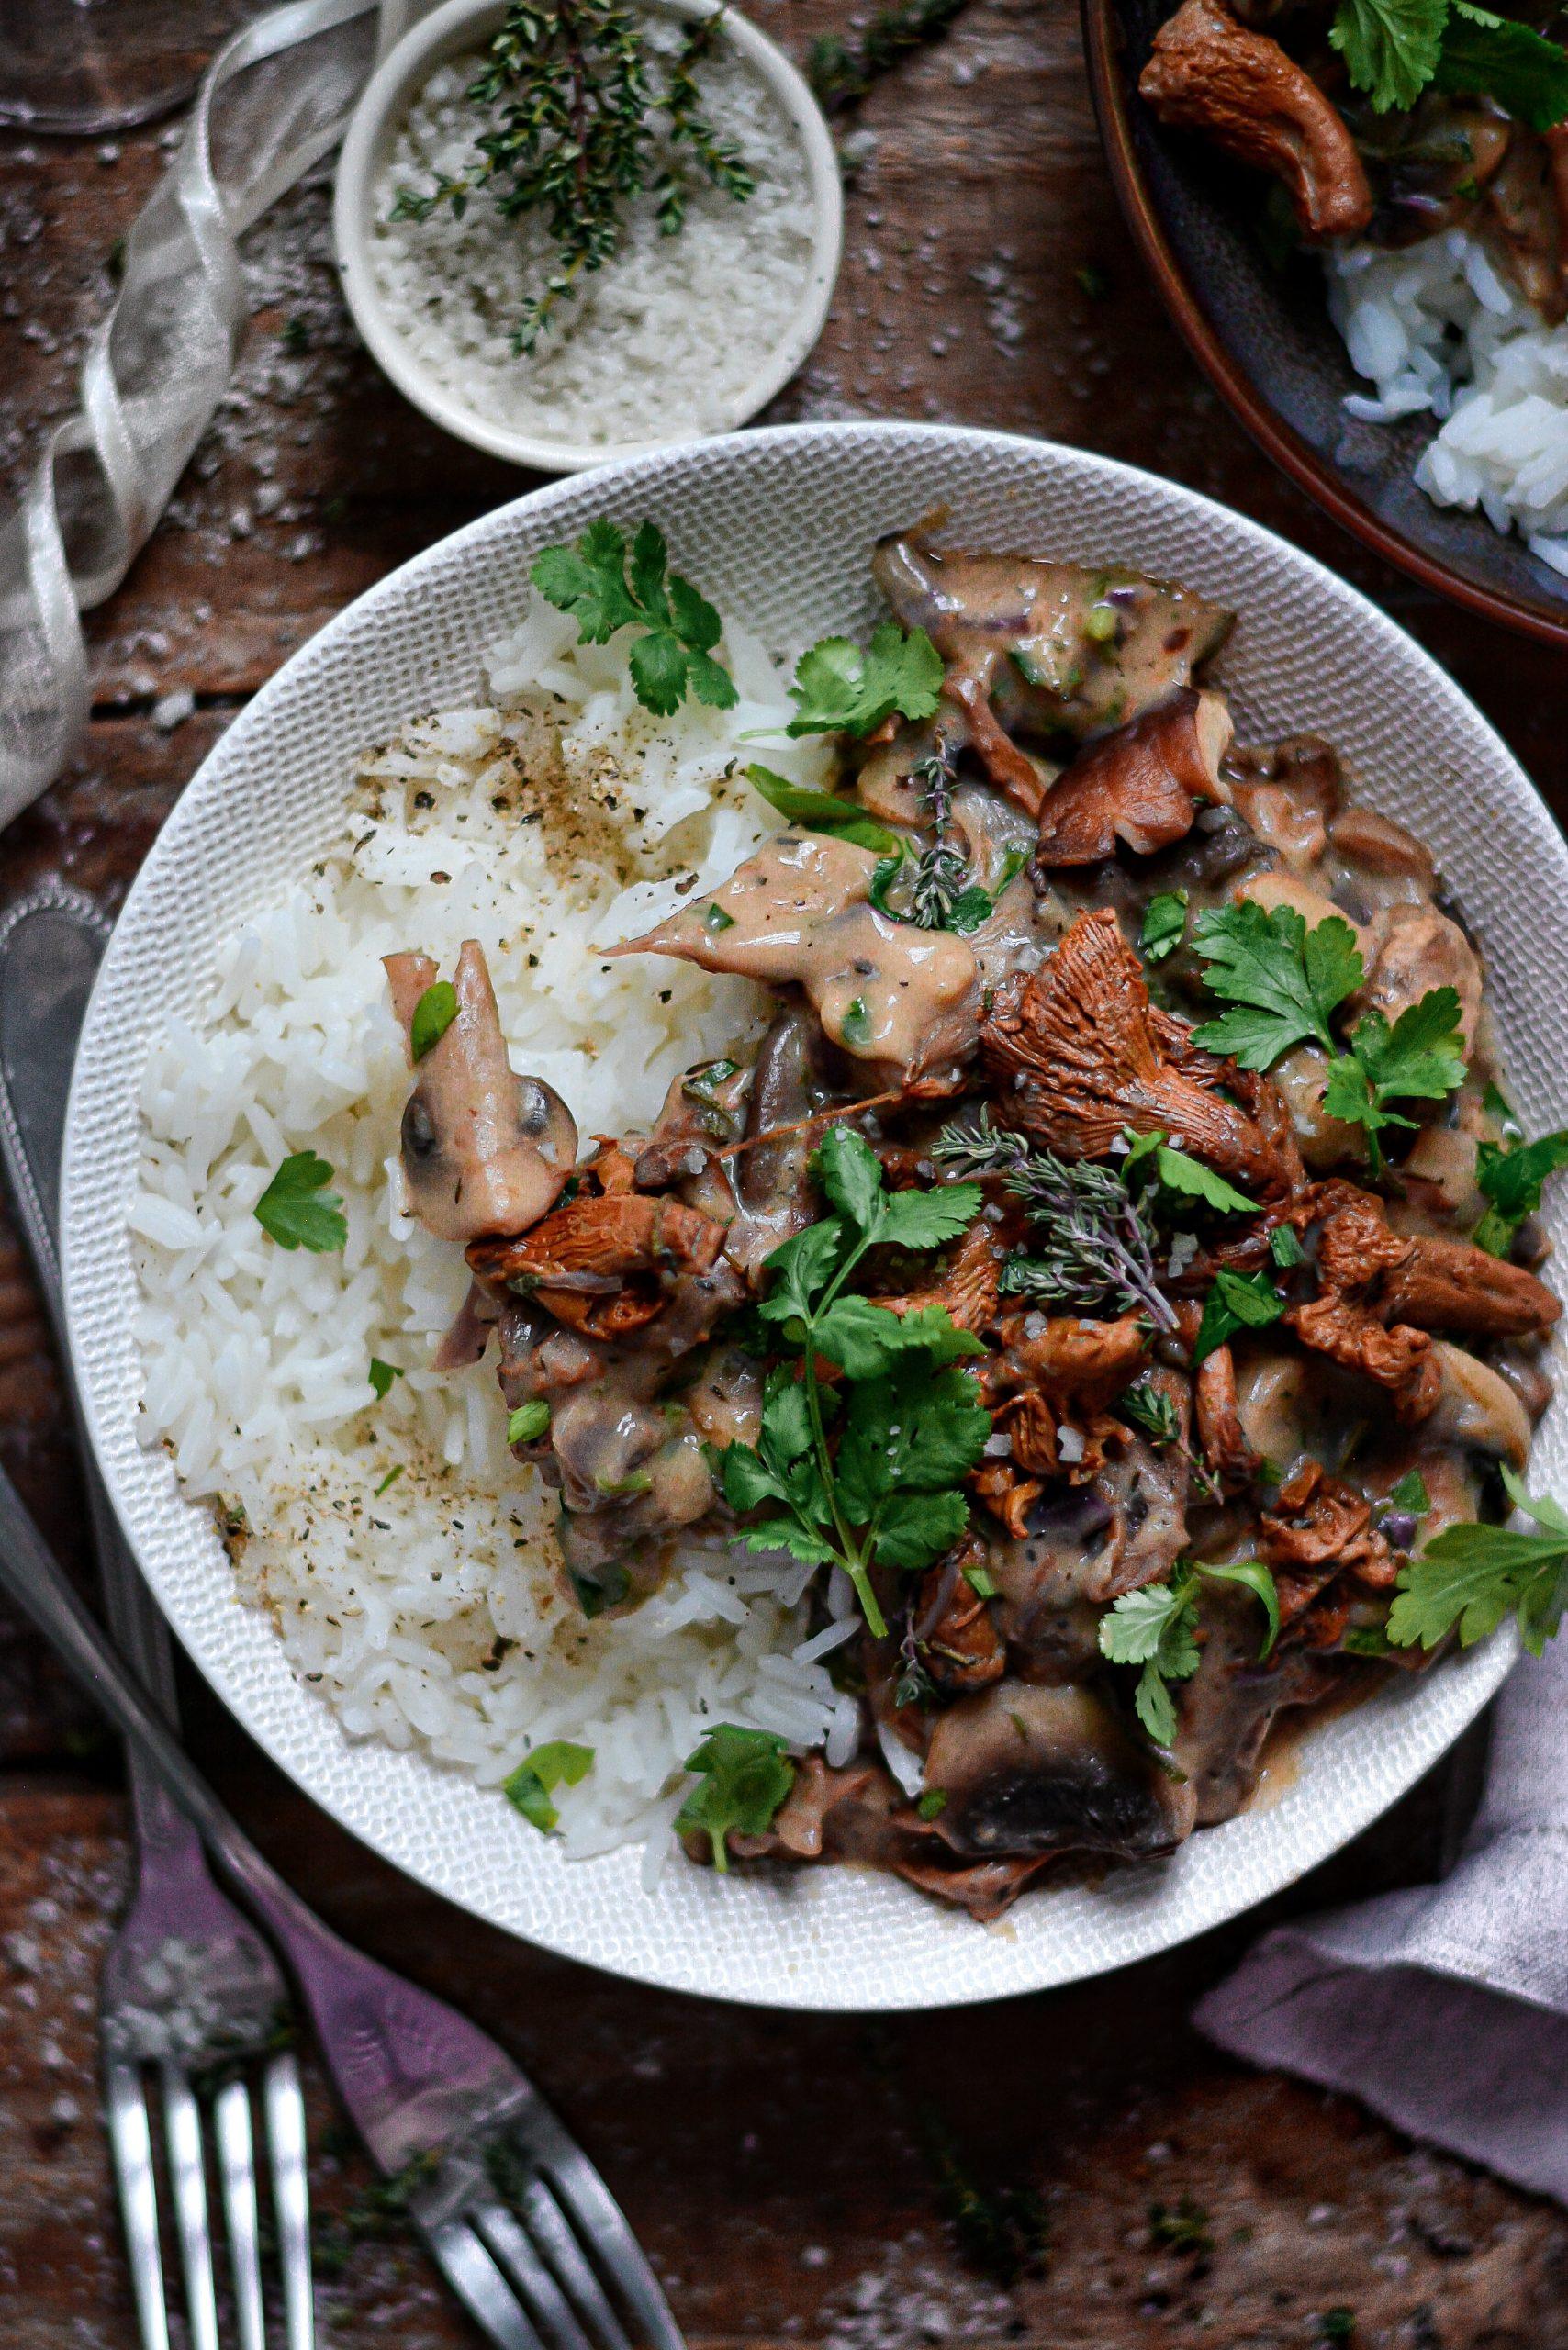 Stroganoff Facile Vegan aux Herbes et Champignons / Easy Vegan Herby Mushrooms Stroganoff